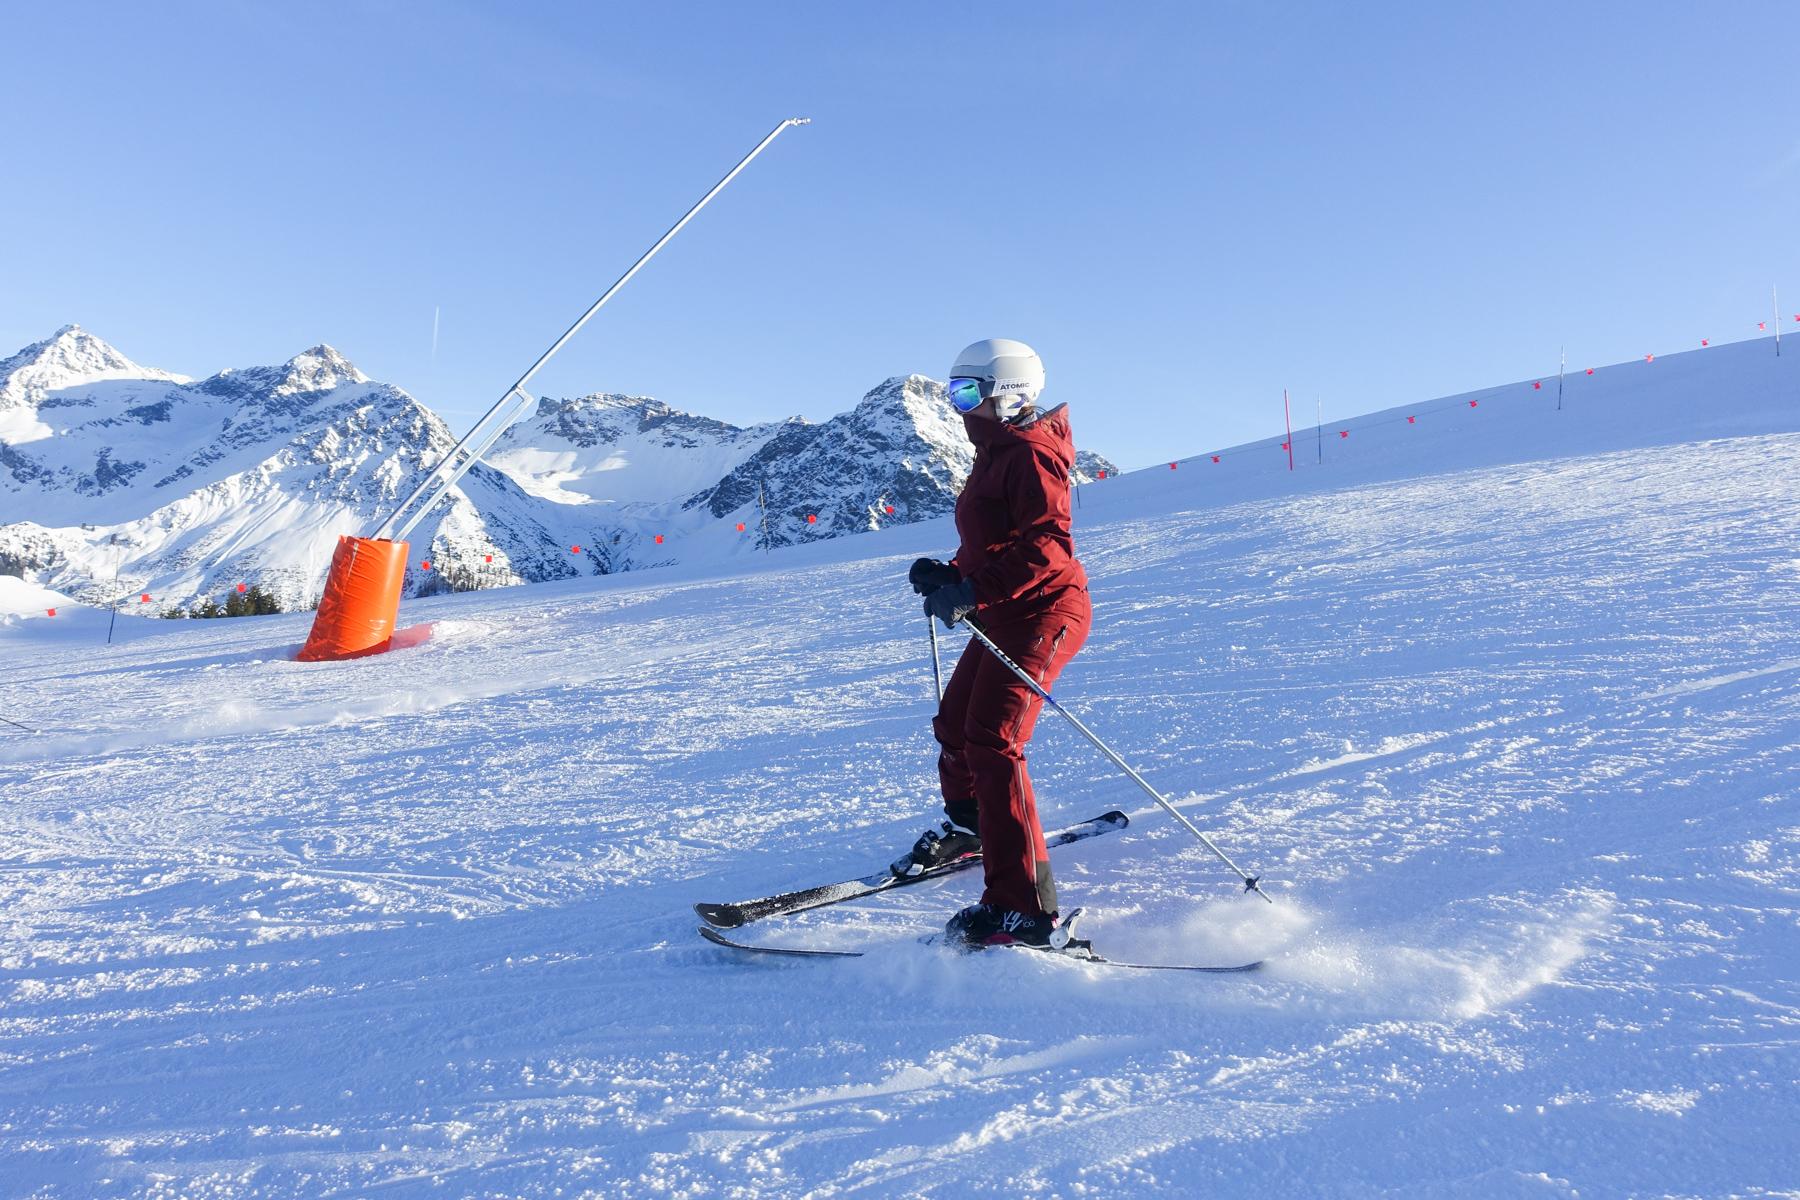 Beginner on the slopes